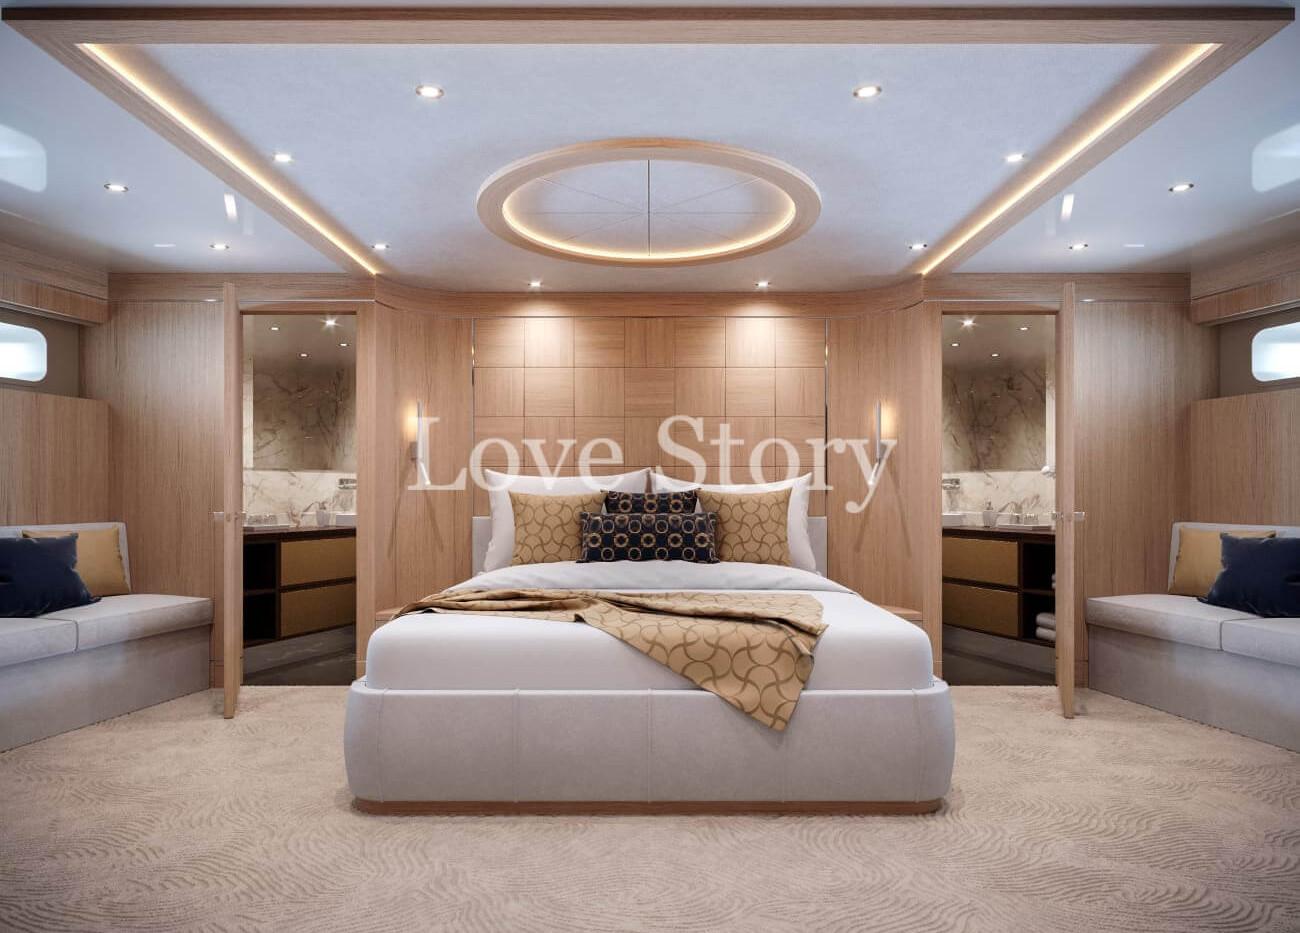 20_Gulet_Love_Story.jpg